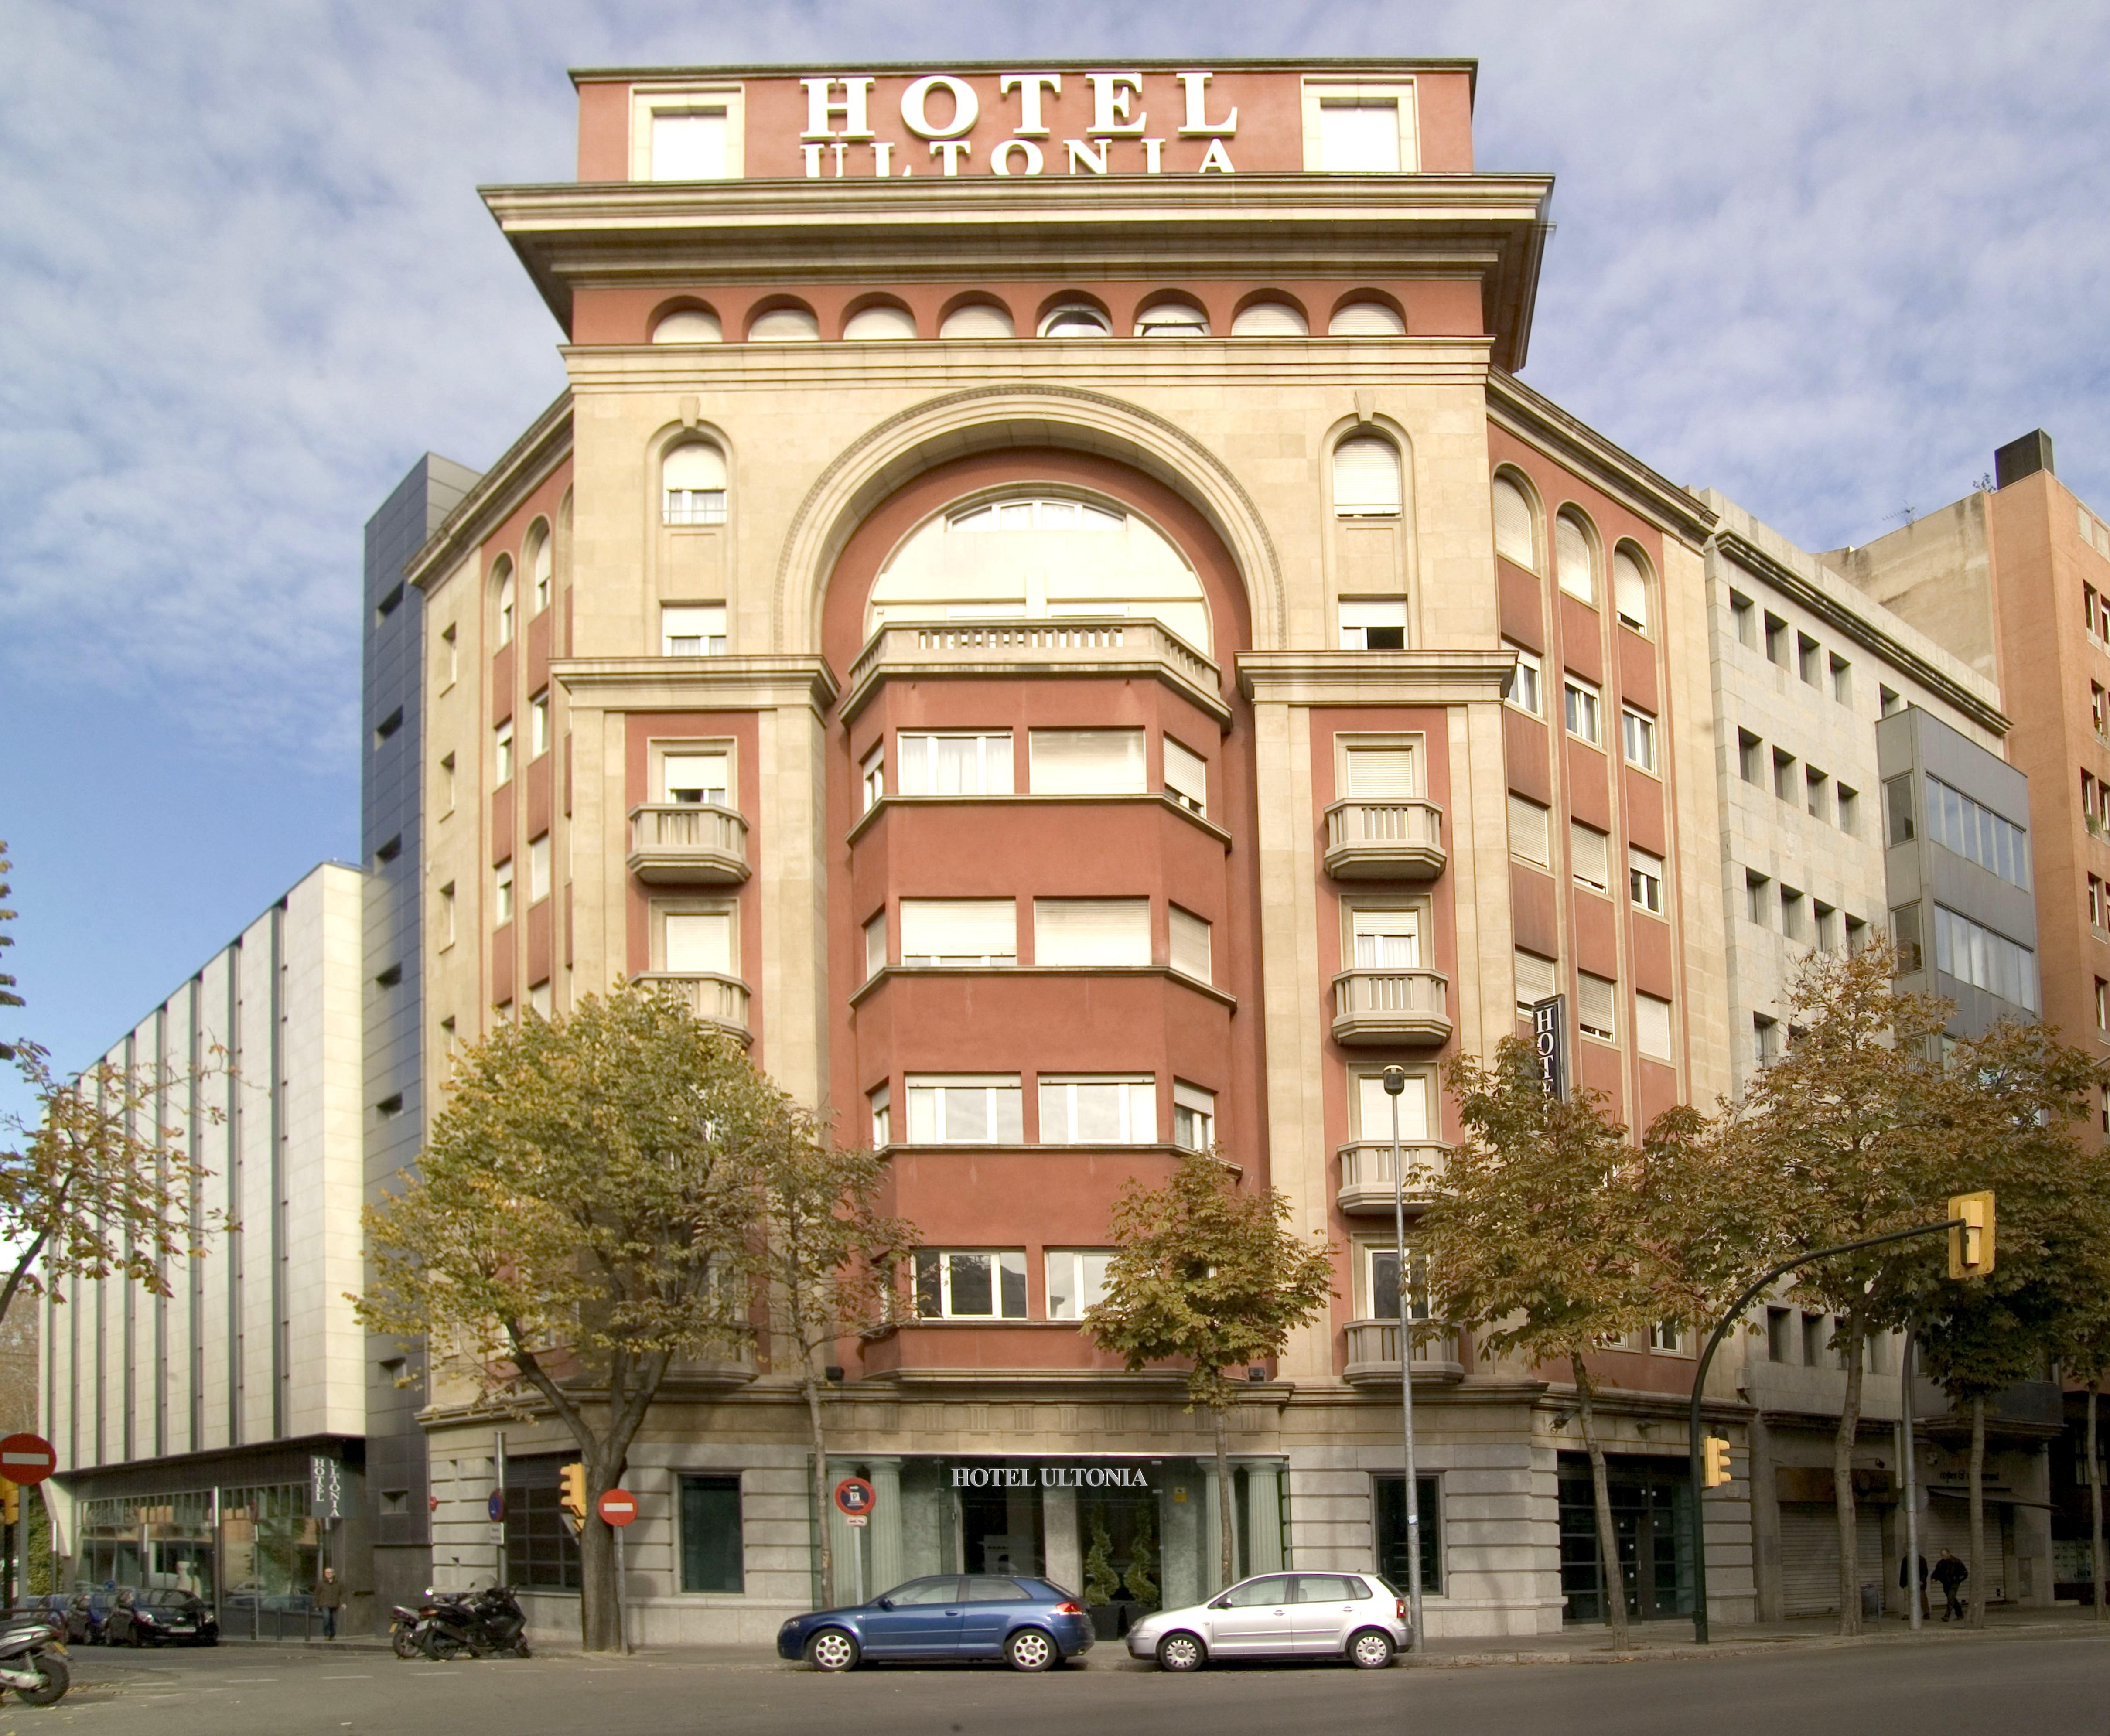 hotel ciudad de girona: